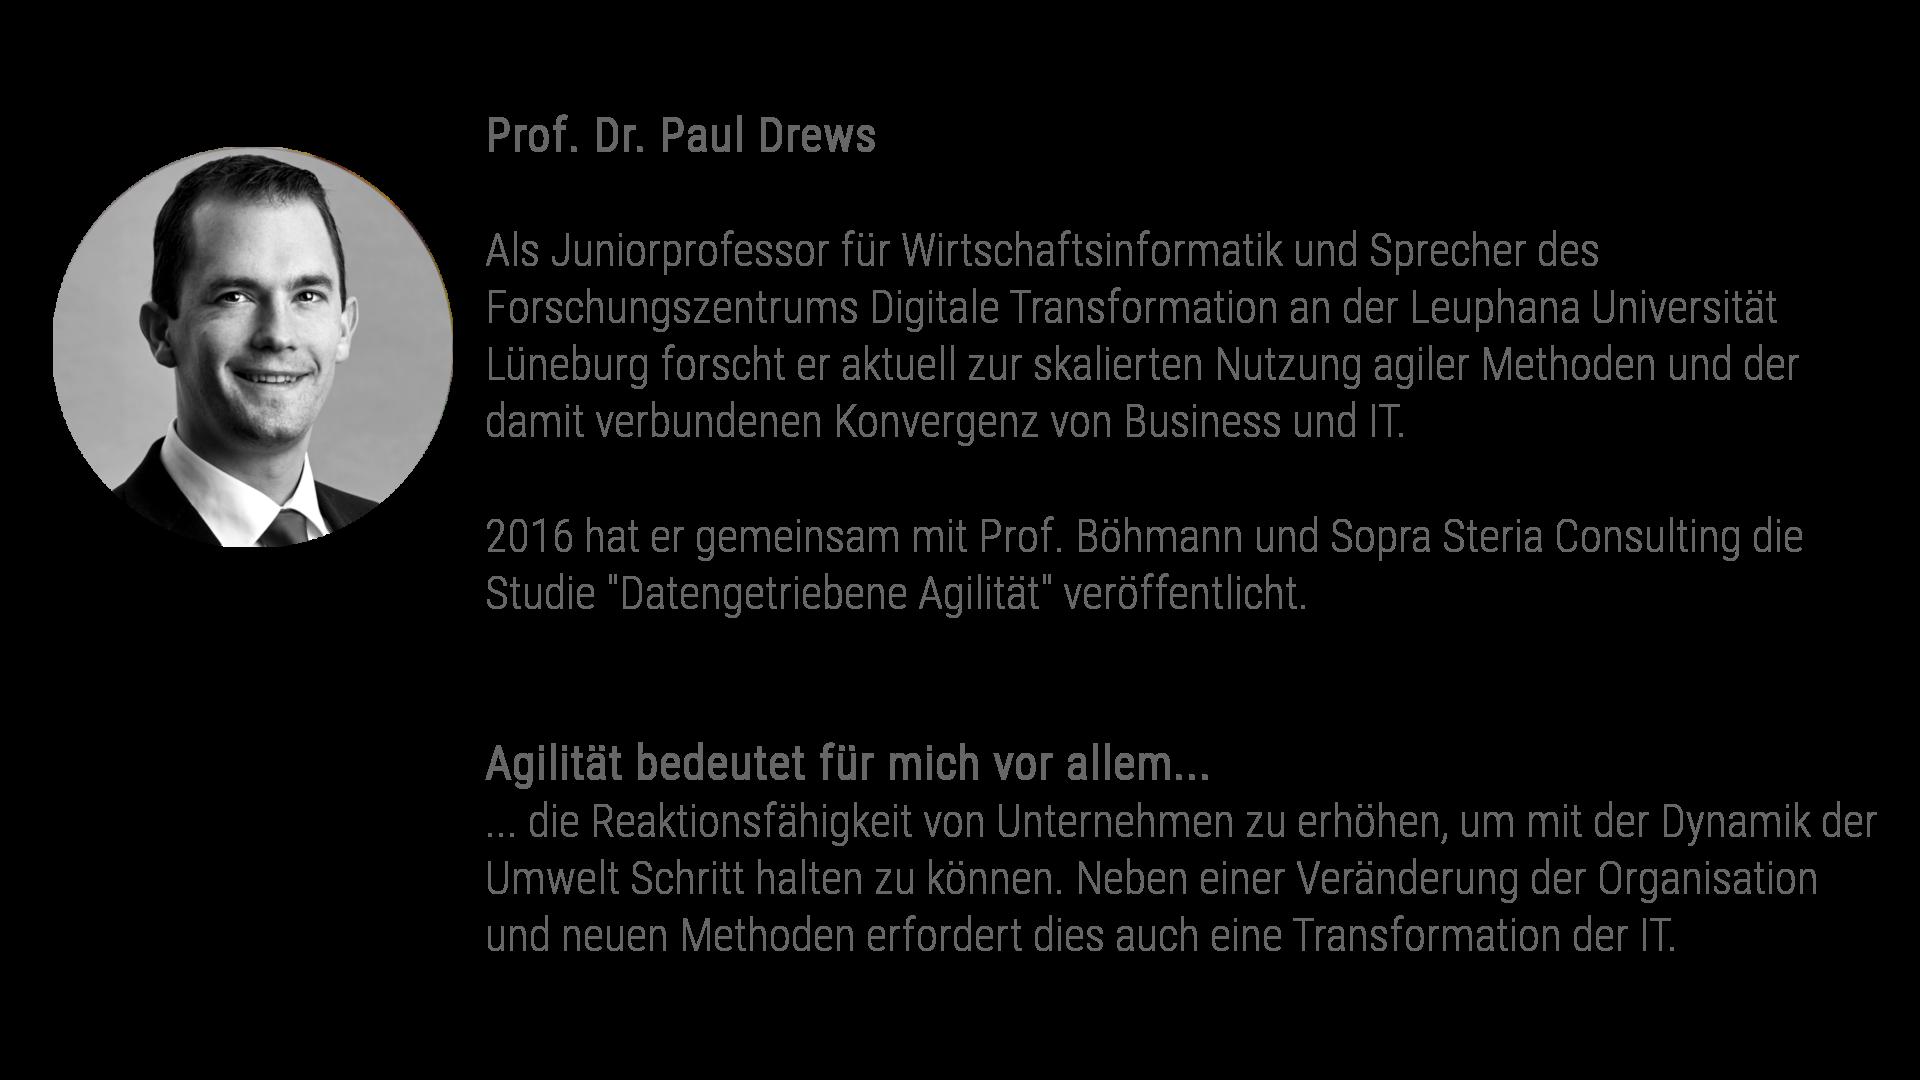 Prof. Dr. Paul Drews ist Juniorprofessor für Wirtschaftsinformatik und Sprecher des Forschungszentrums Digitale Transformation an der Leuphana Universität Lüneburg. In der Forschung widmet er sich insbesondere den Themen IT-Innovationsmanagement, IT-Governance/IT-Management, Enterprise Architecture Management, datengetriebene Geschäftsmodelle und Digitale Plattformen. Gemeinsam mit Kolleginnen und Kollegen an der Leuphana Universität Lüneburg und der Universität Hamburg forscht Prof. Drews auch zur skalierten Nutzung agiler Methoden und der damit verbundenen Konvergenz von Business und IT. 2016 hat er gemeinsam mit Prof. Böhmann und Sopra Steria Consulting die Studie